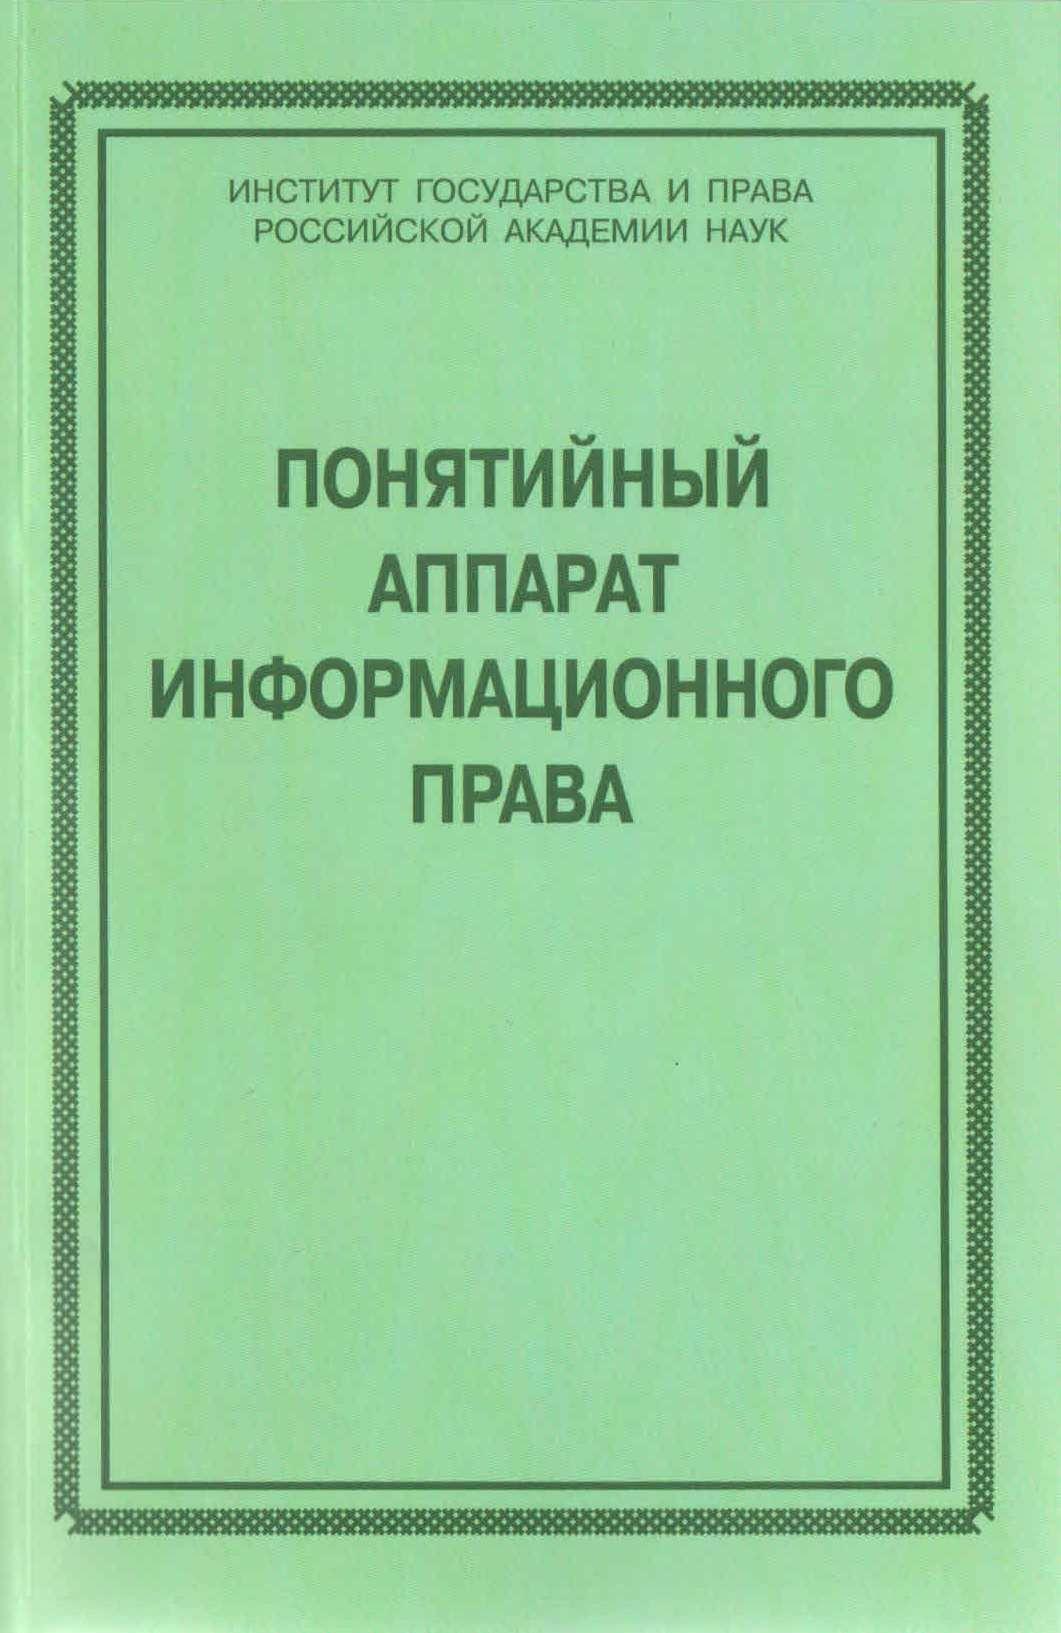 Терминологические вопросы взаимодействия информационного и интеллектуального права